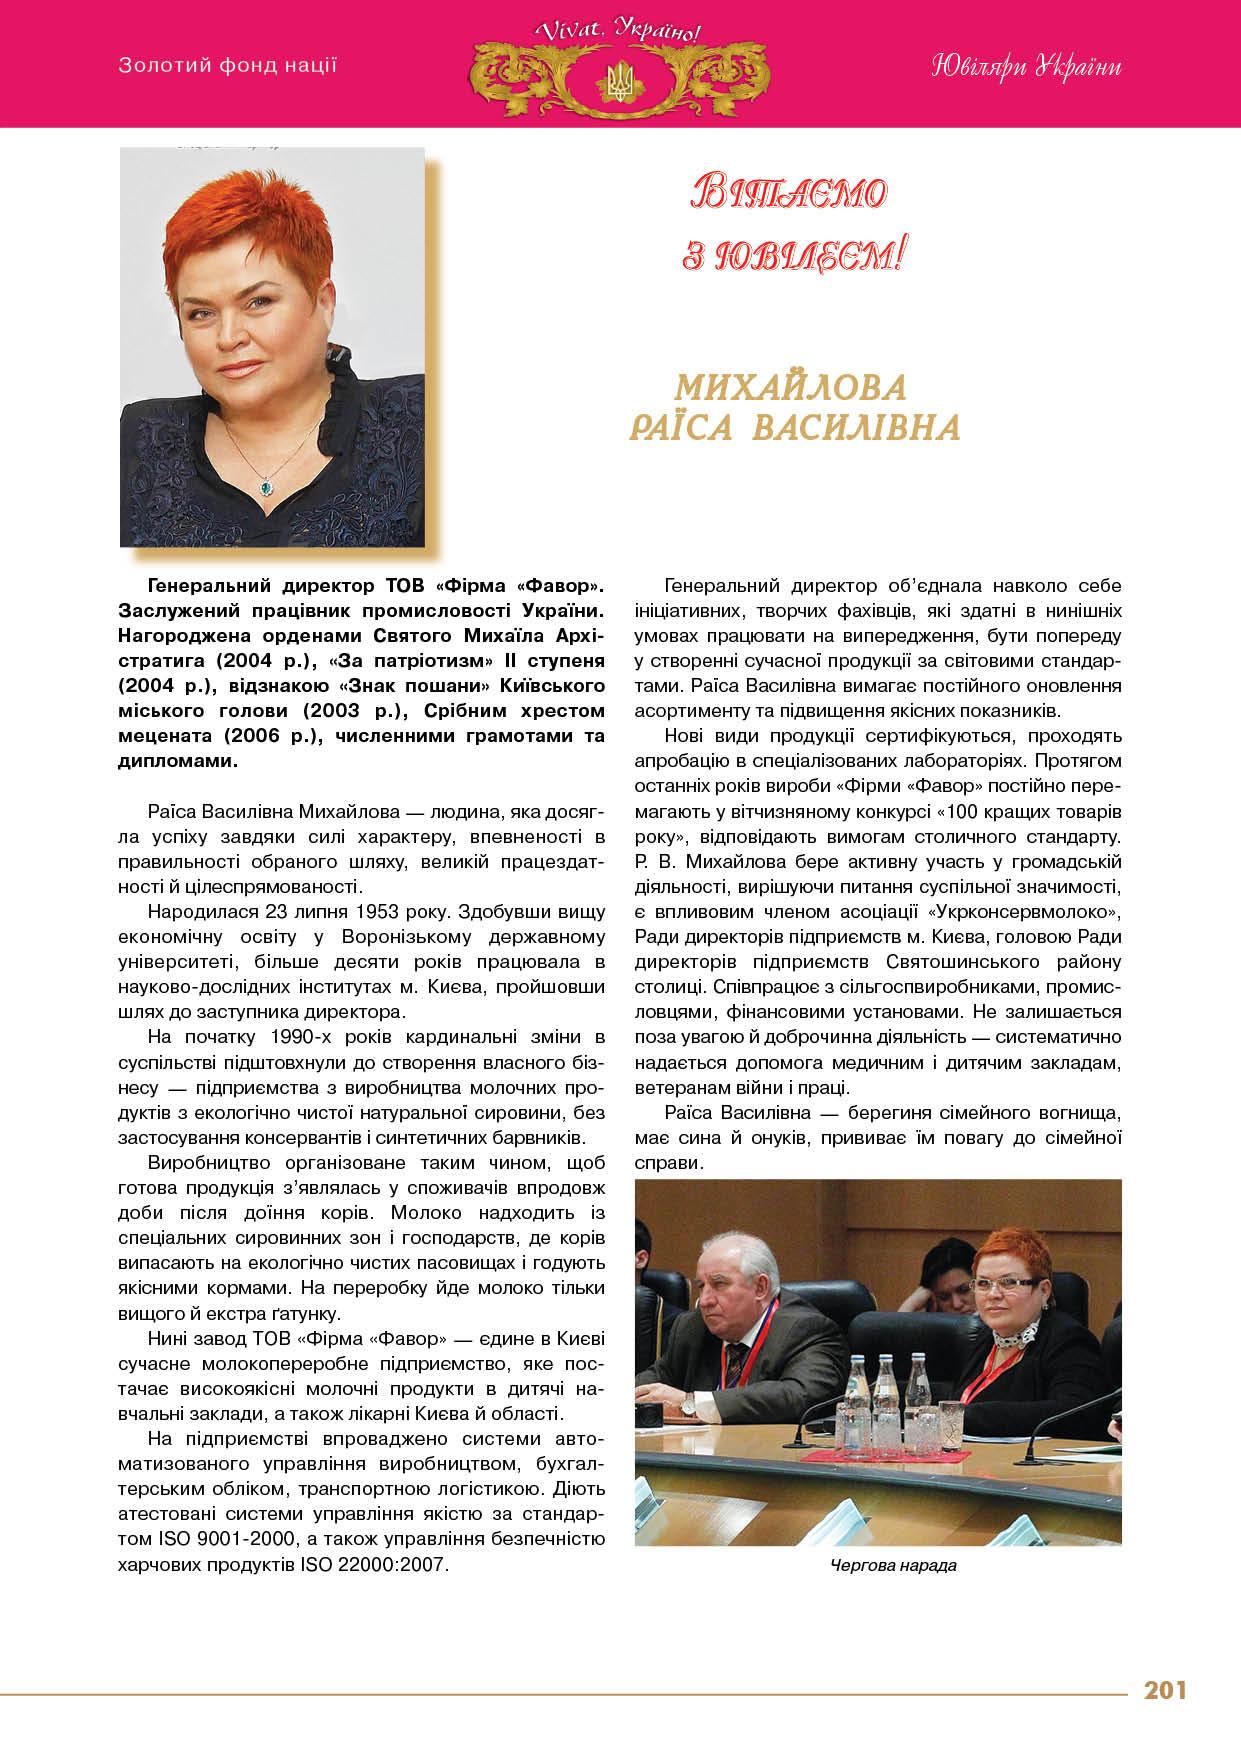 Михайлова Раїса Василівна